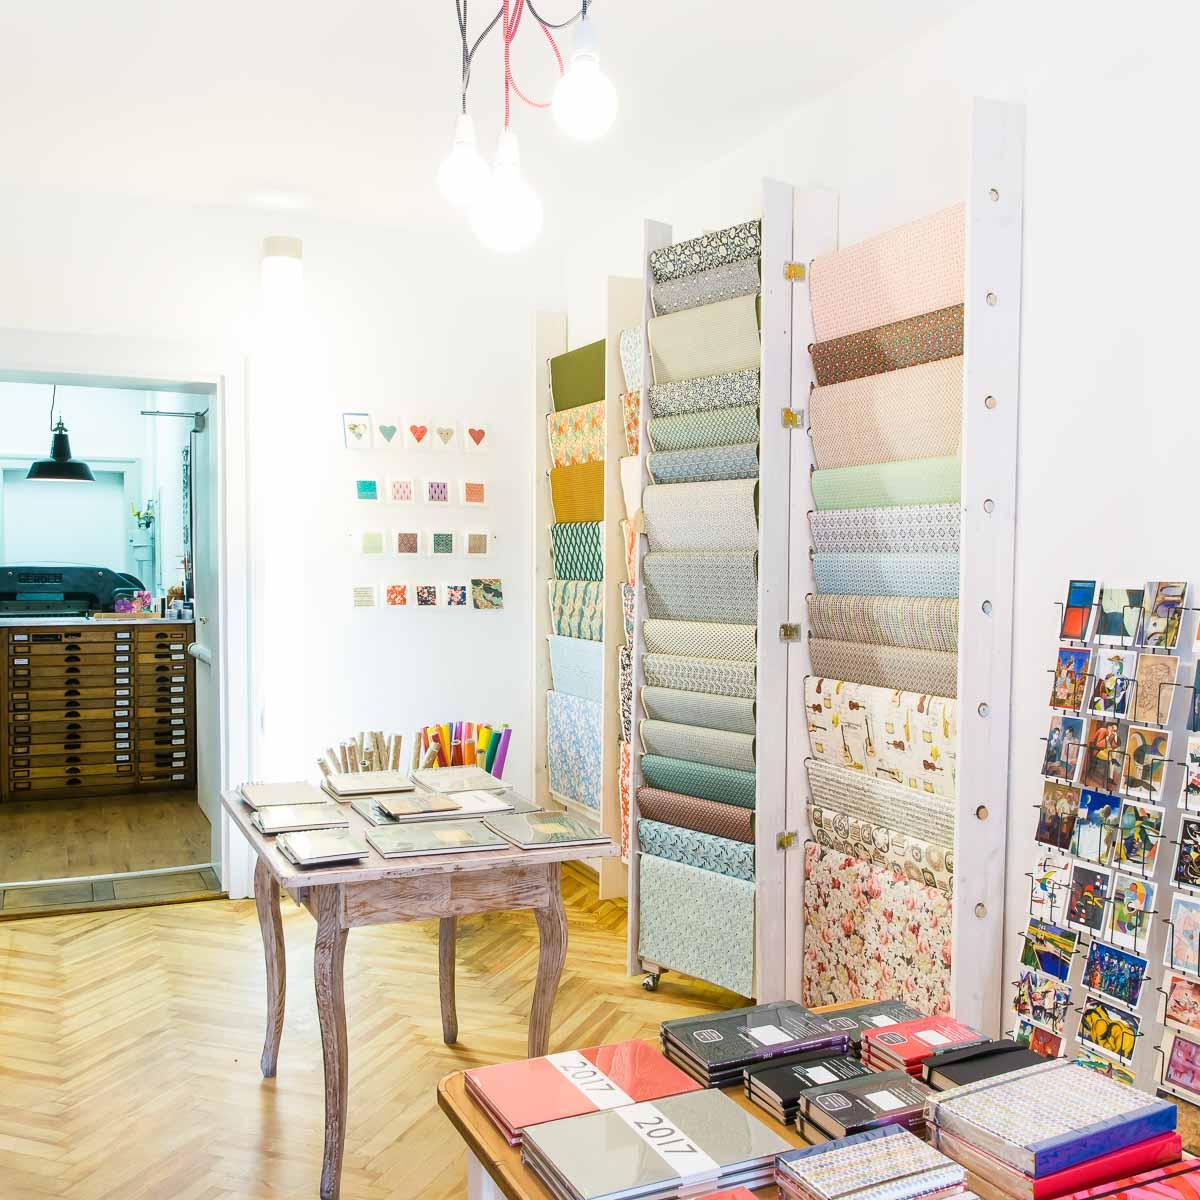 Papierladen und Werkstatt Rosinger in München Haidhausen